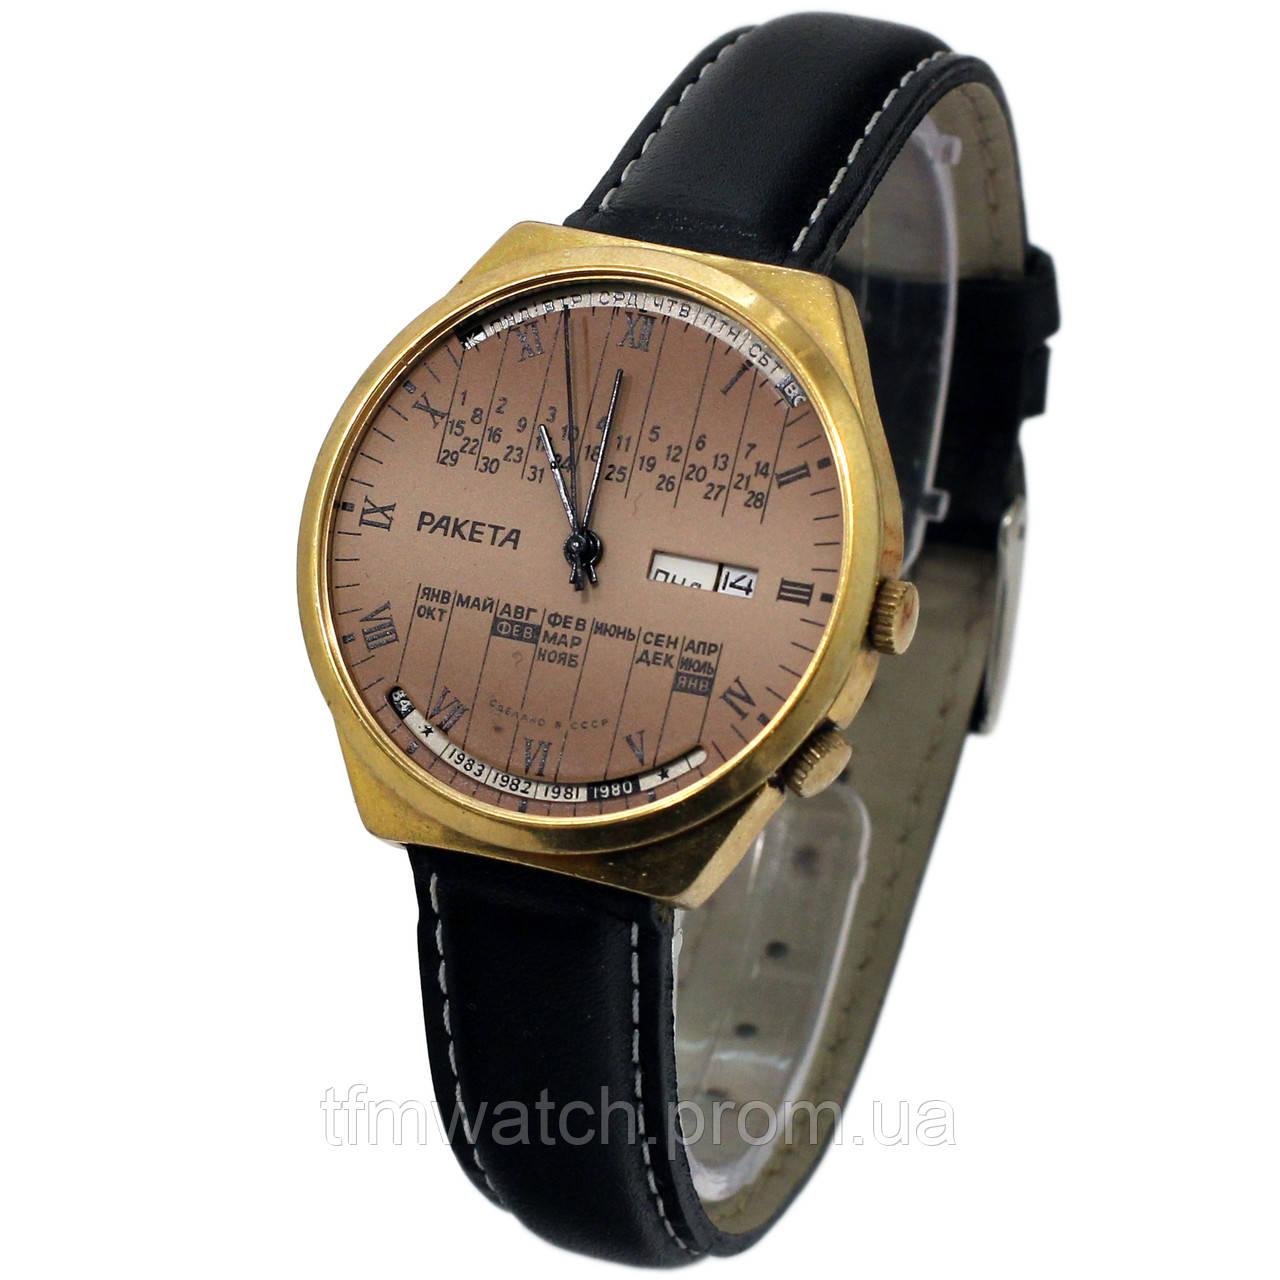 Ракета ссср позолоченные их каталог стоимость часы poljot 23 jewels продать часы